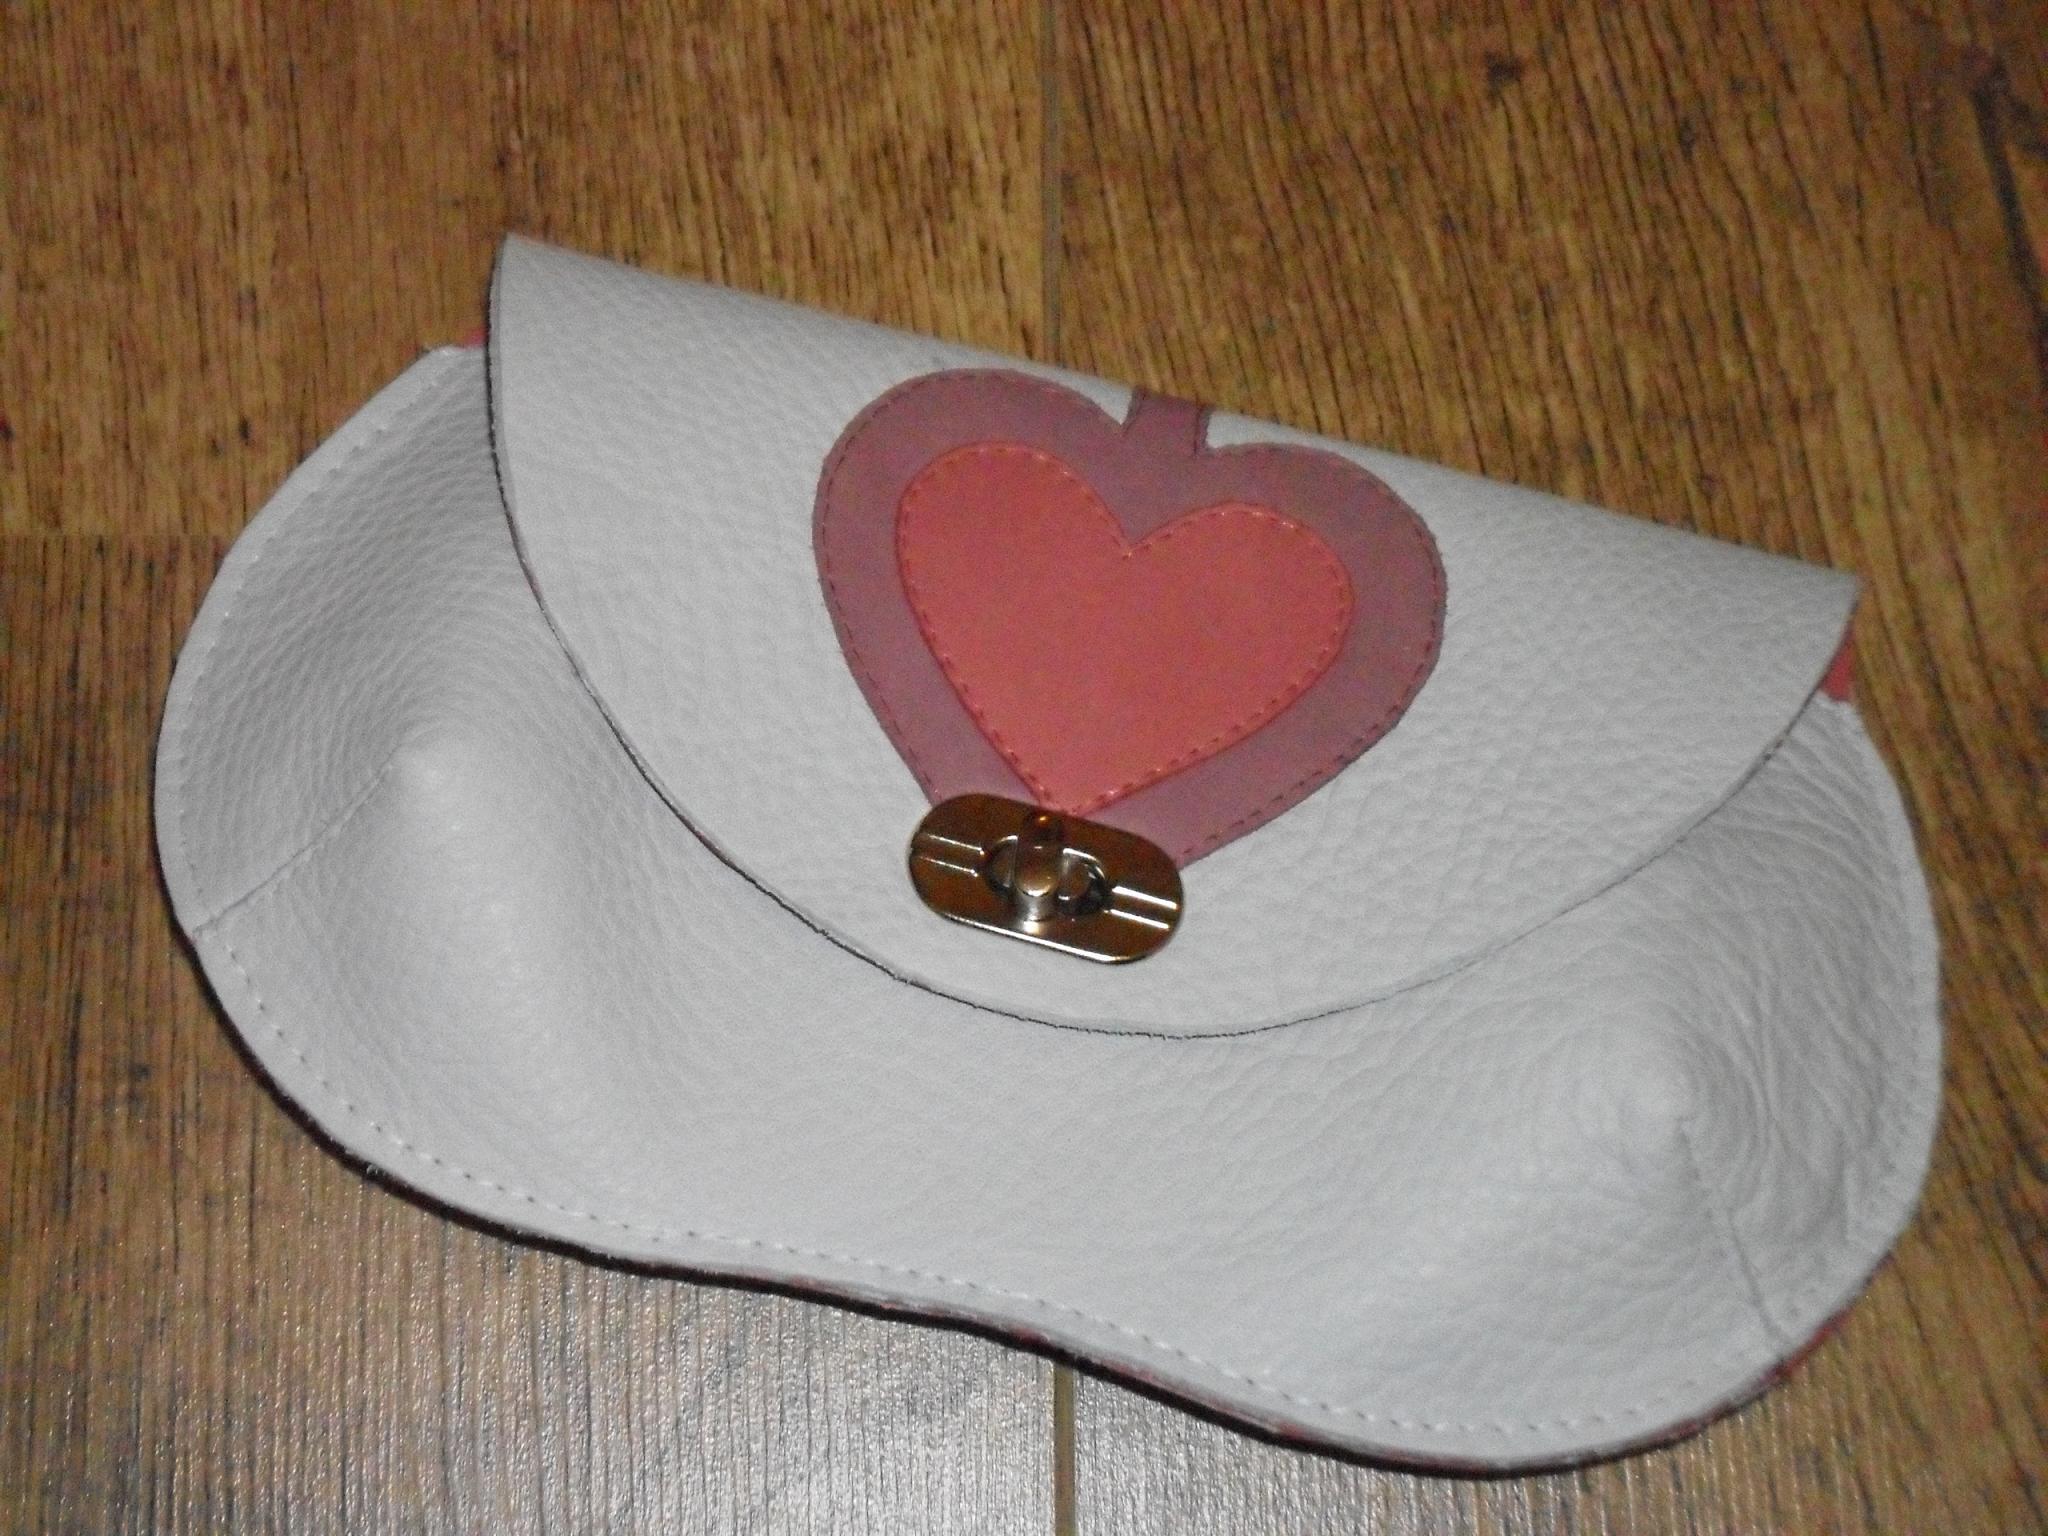 Unique leather bag with an unique design